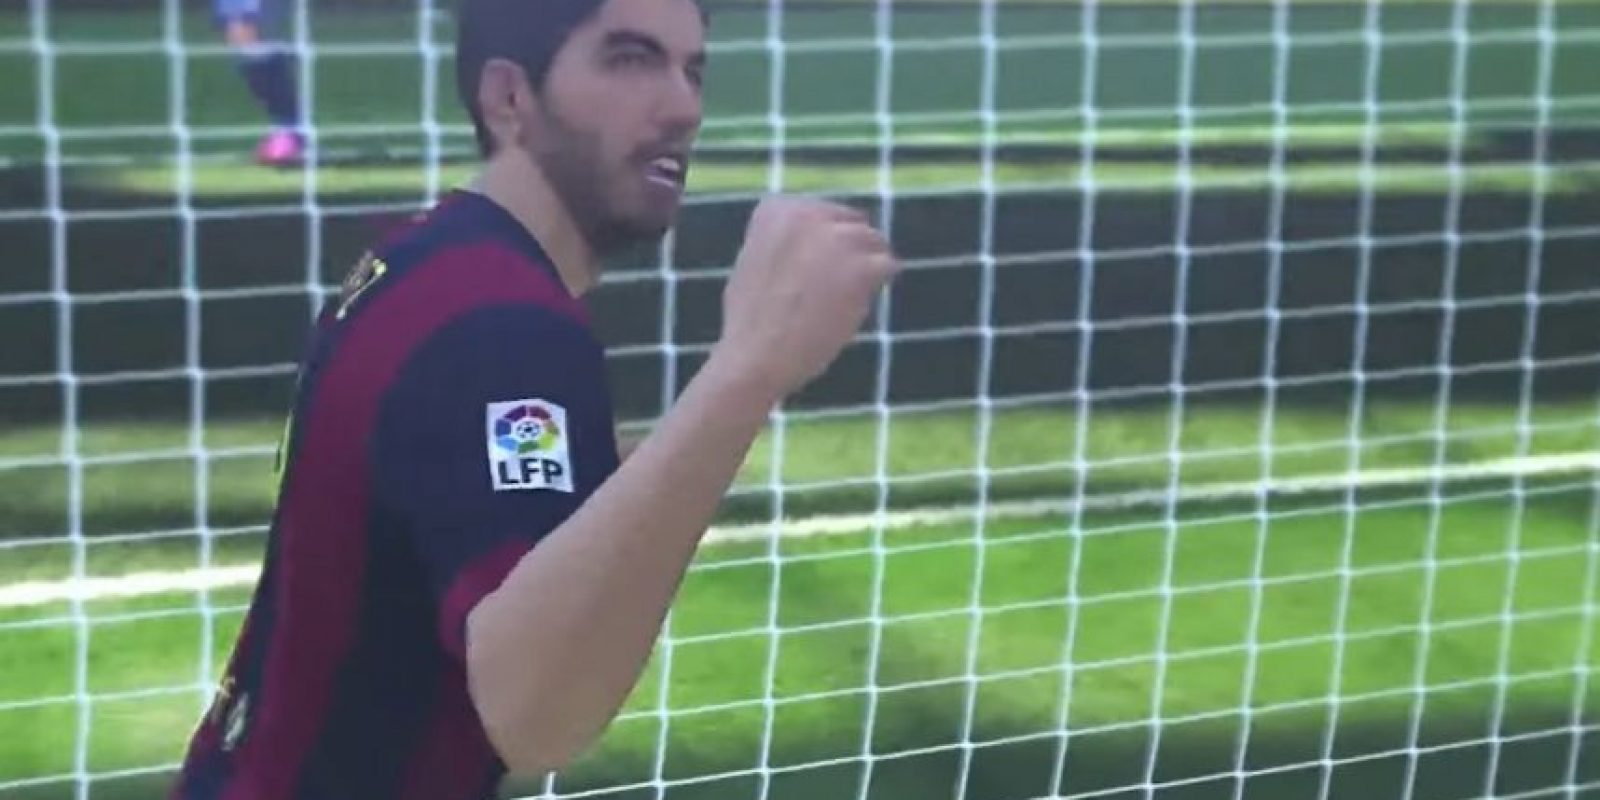 El uruguayo Luis Suárez con el puño en alto después de anotar gol. Foto:Konami